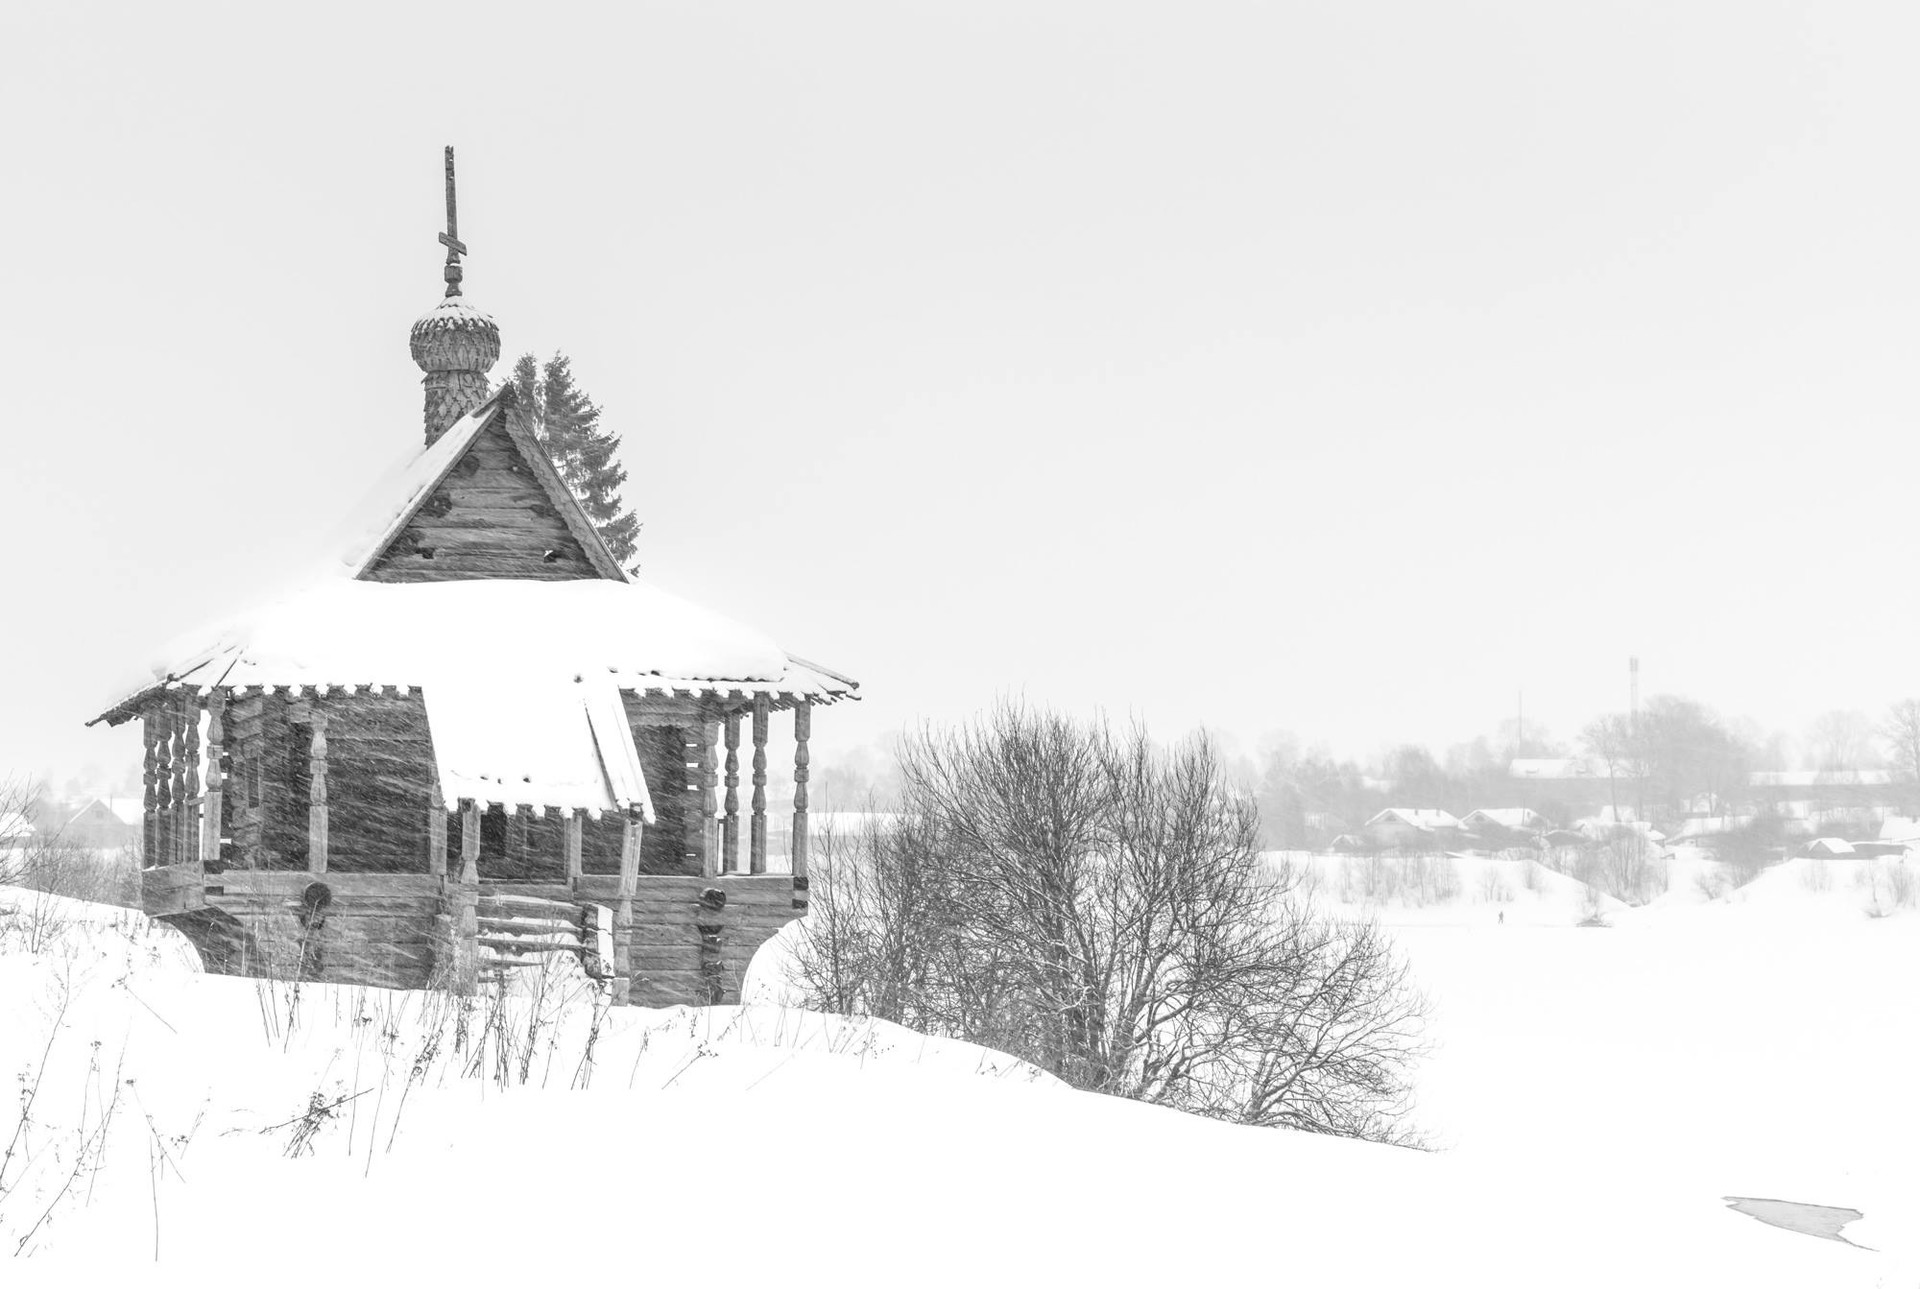 聖母ポクロフ礼拝堂(コネヴォ村)